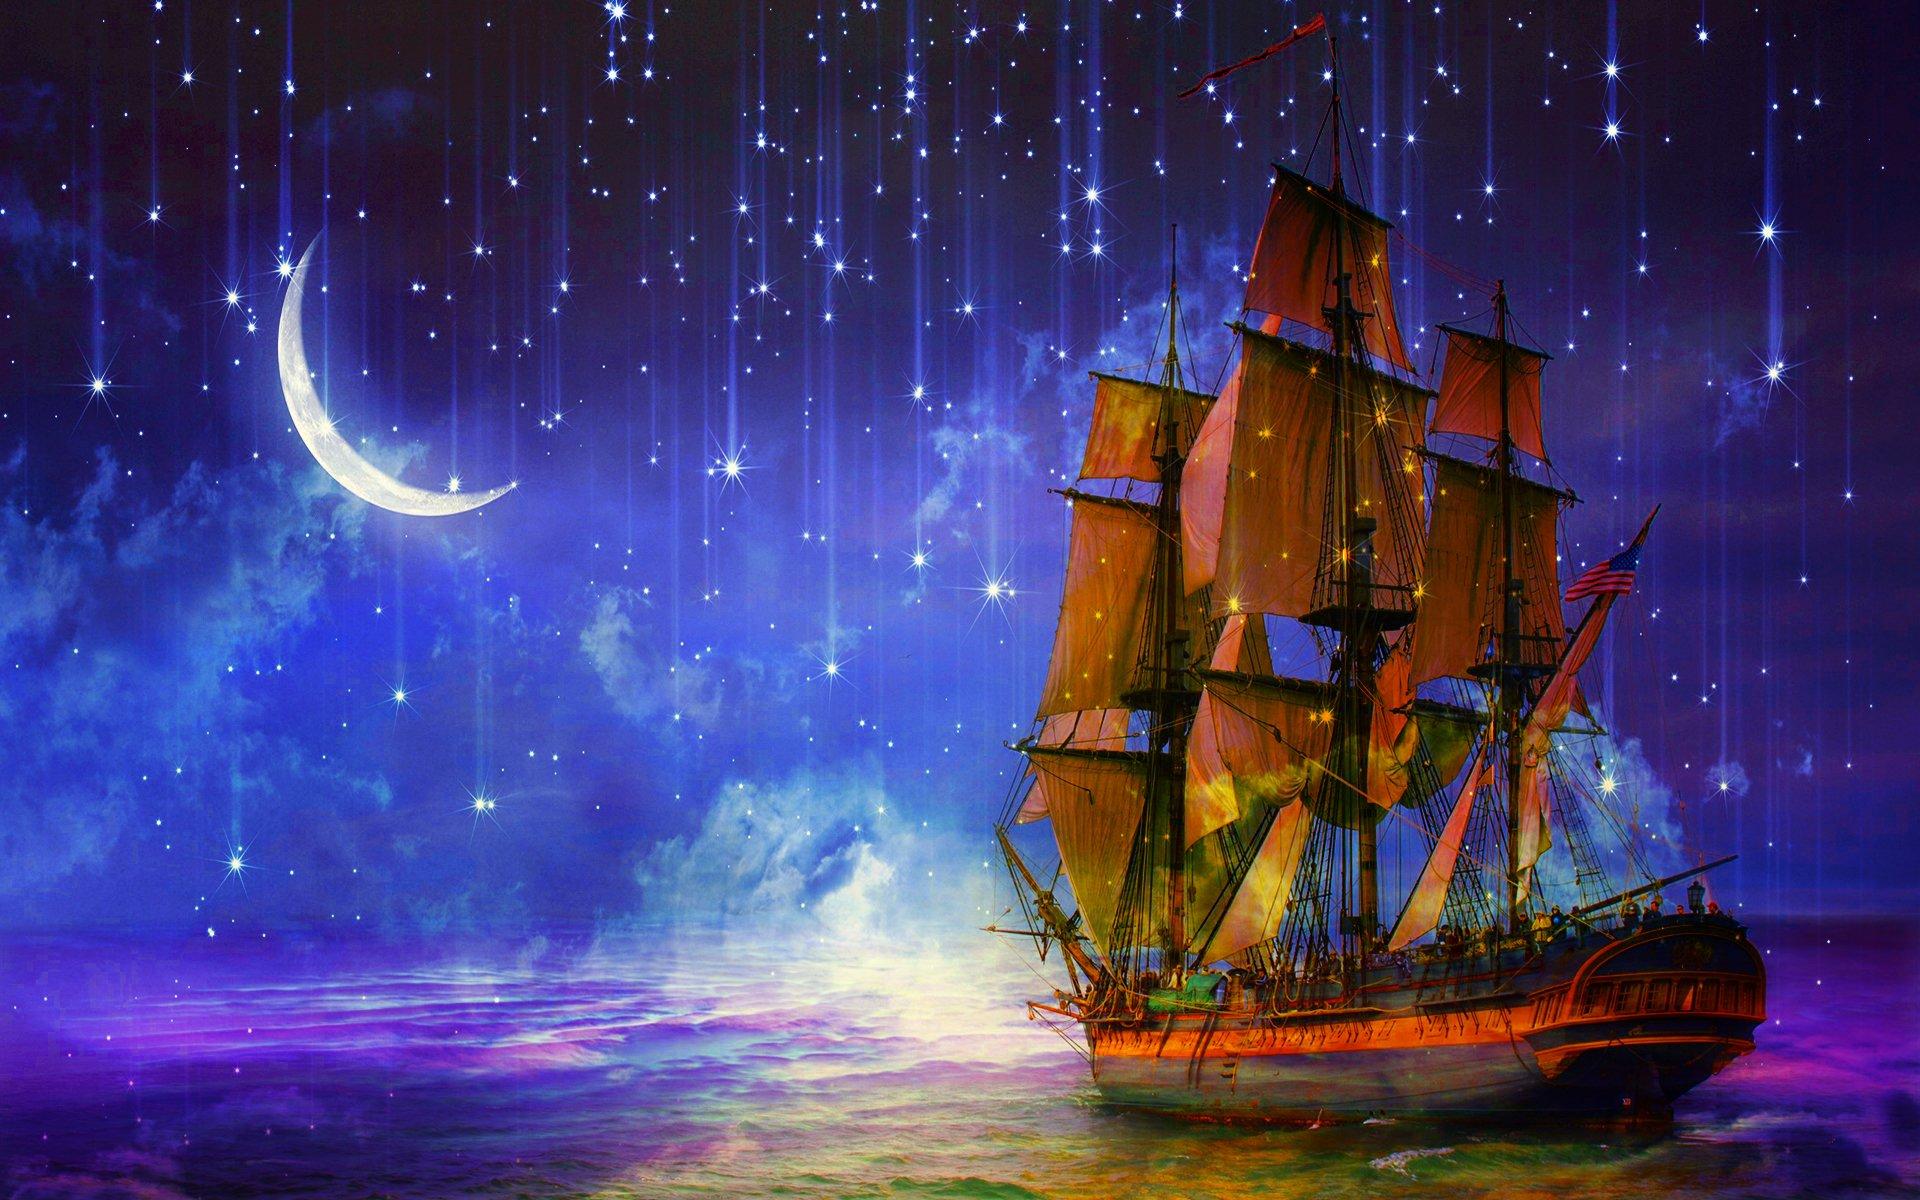 ночь яхта корабль  № 3498329 бесплатно